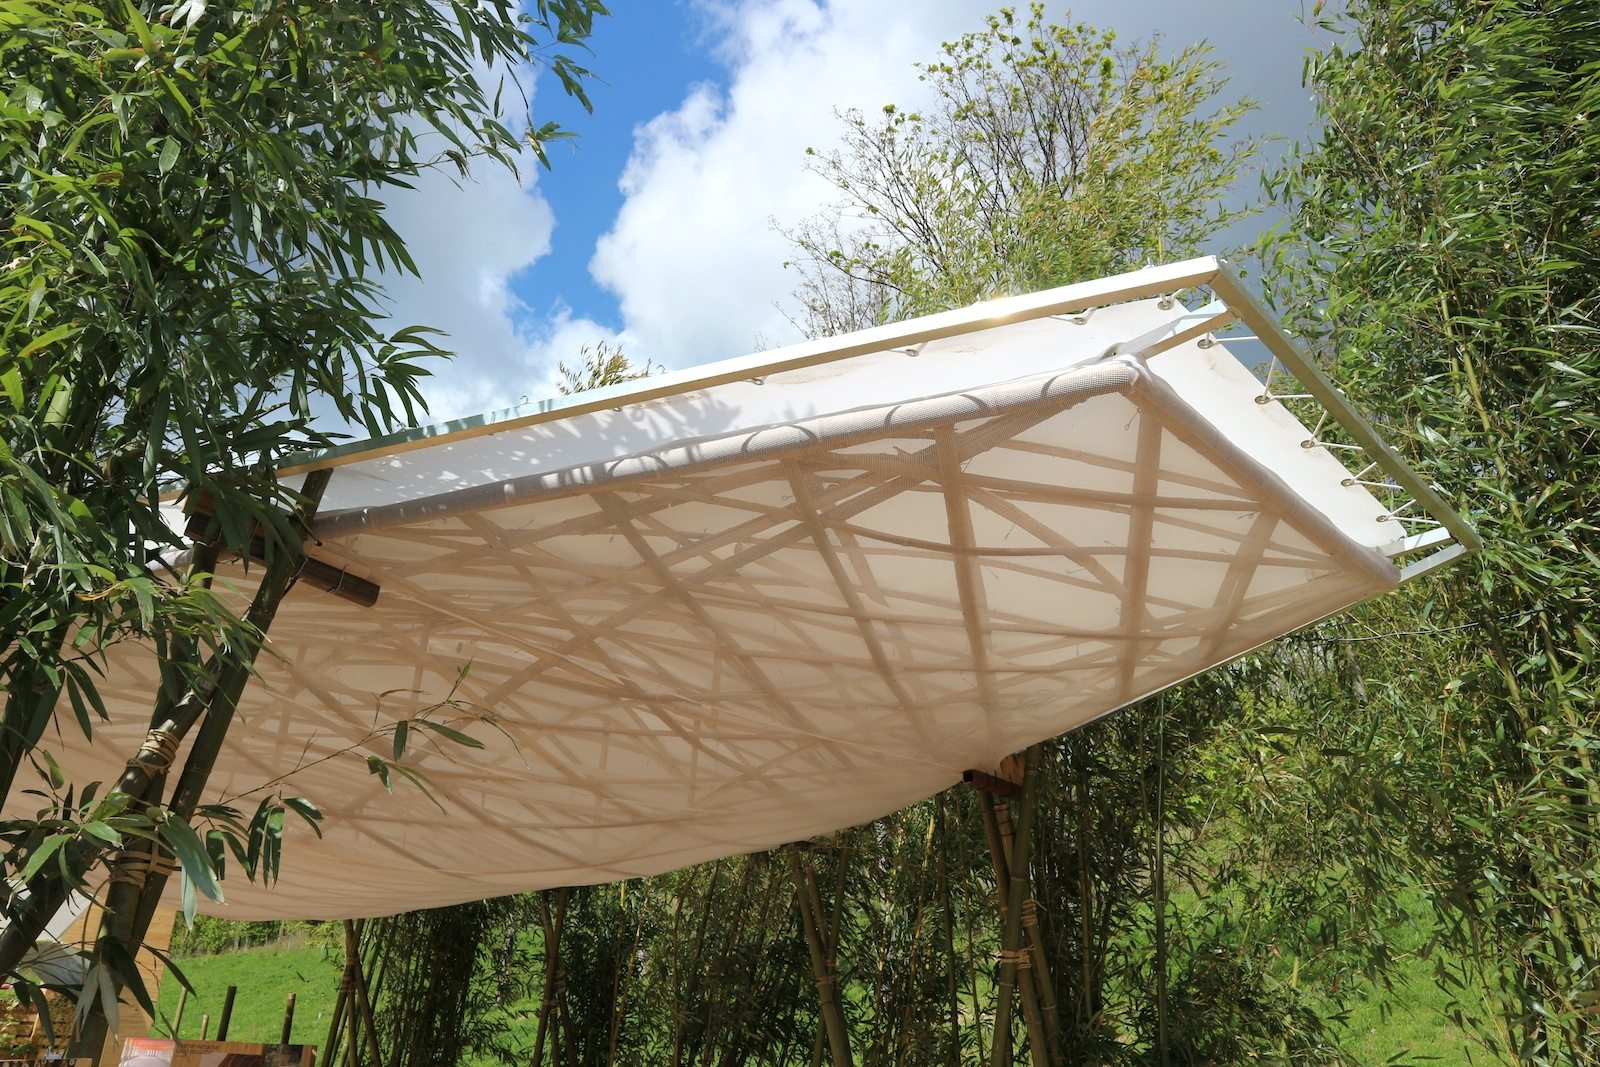 """Horizonte, Bambushain. Als schnellwachsendes Gras kann Bambus nach drei Jahren geerntet und genutzt werden. Die Ausstellung im Pavillon befasst sich mit Gebäuden und Objekten aus Bambus. Der Torre di Bambù entstand 2015 in Kooperation mit Bambuseto und weiteren Partnern und wurde auf der Ausstellung Green Utopia """"Green Utopia"""", einer Sonderschau der Möbelmesse, gezeigt."""